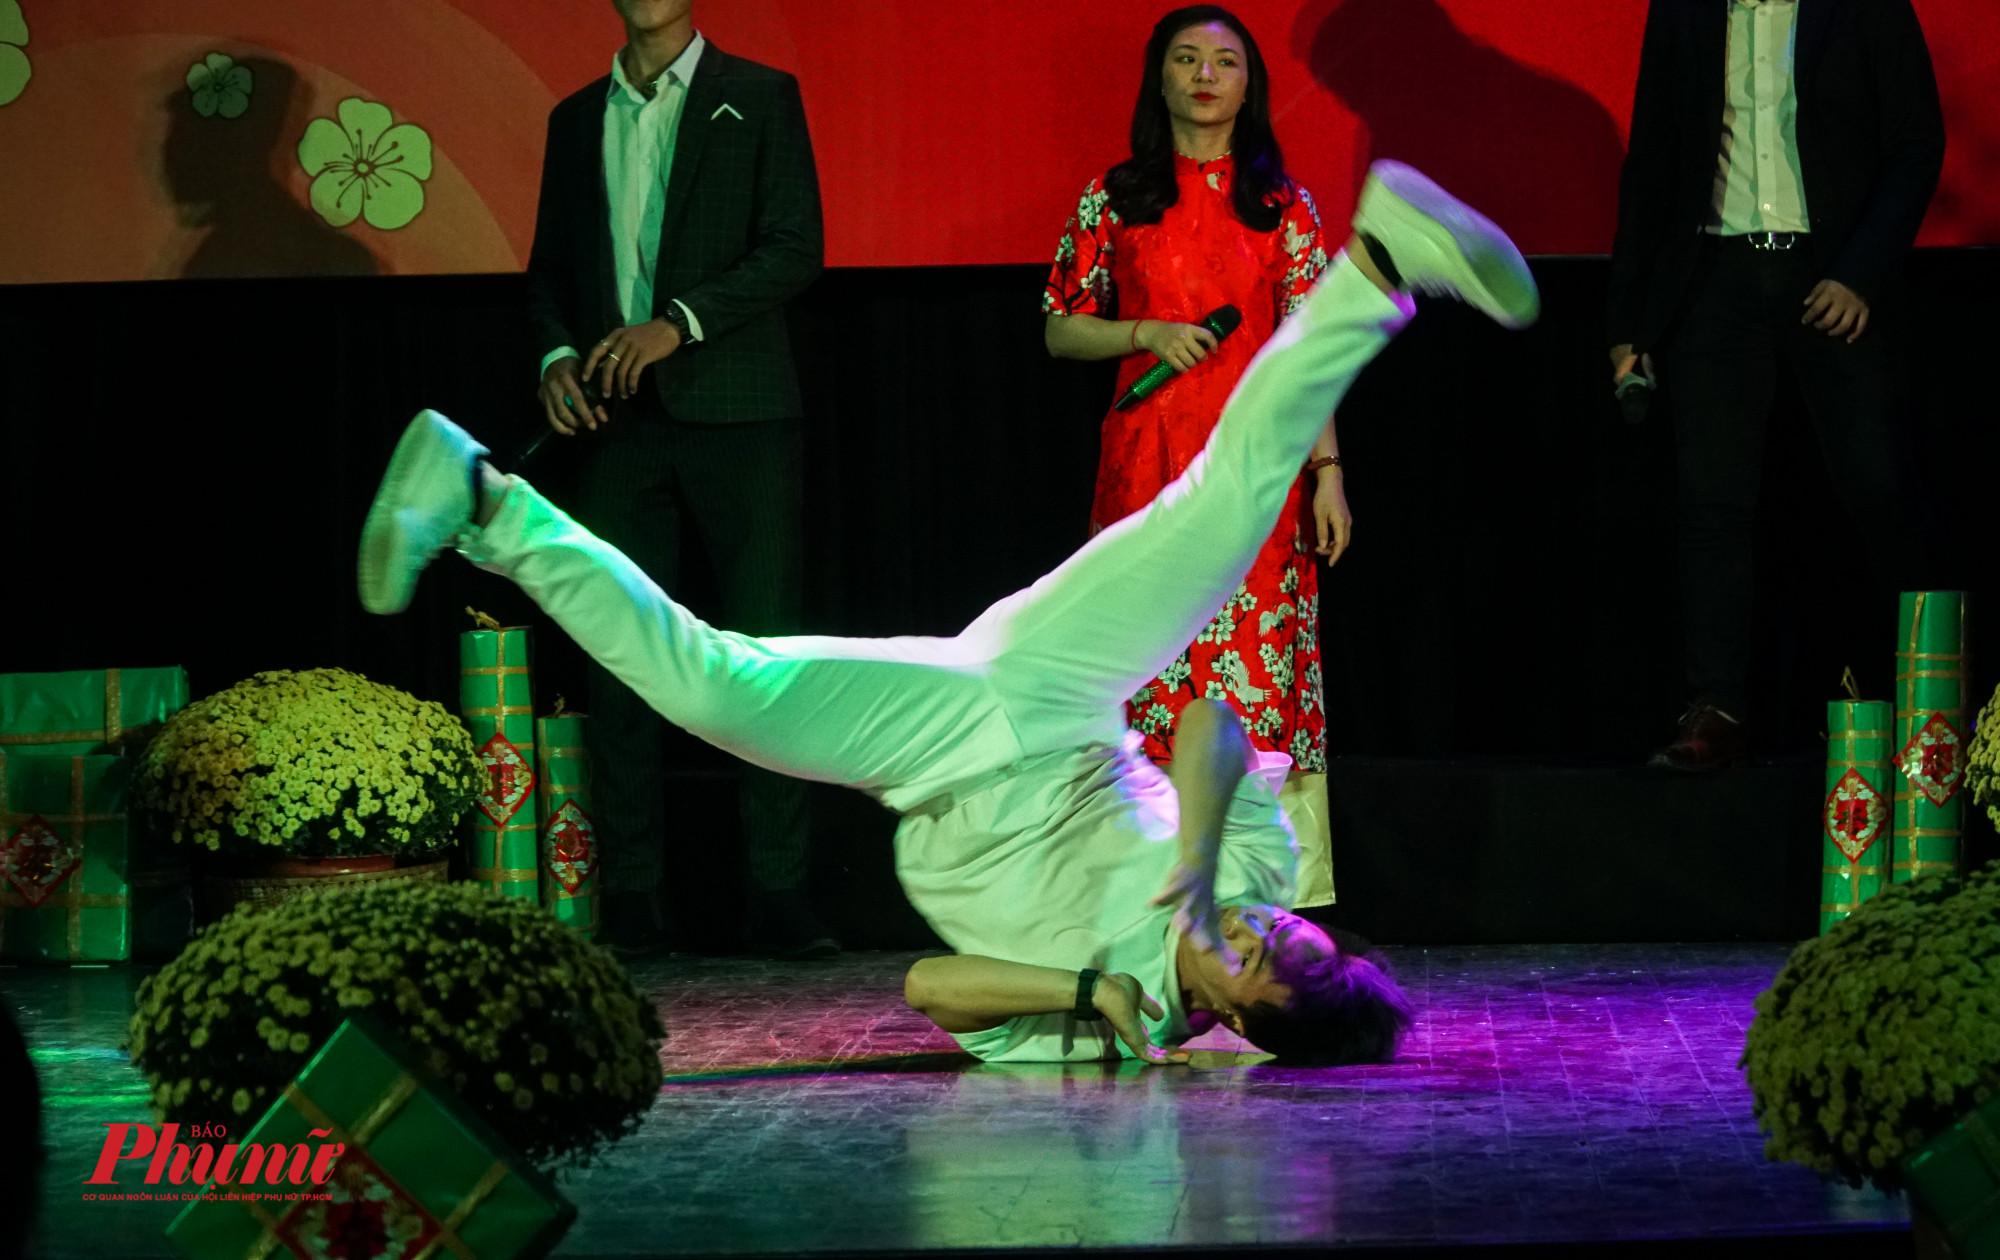 màn trình diễn hiphop đỉnh cao của một dance khiến các bạn sinh viên reo hò